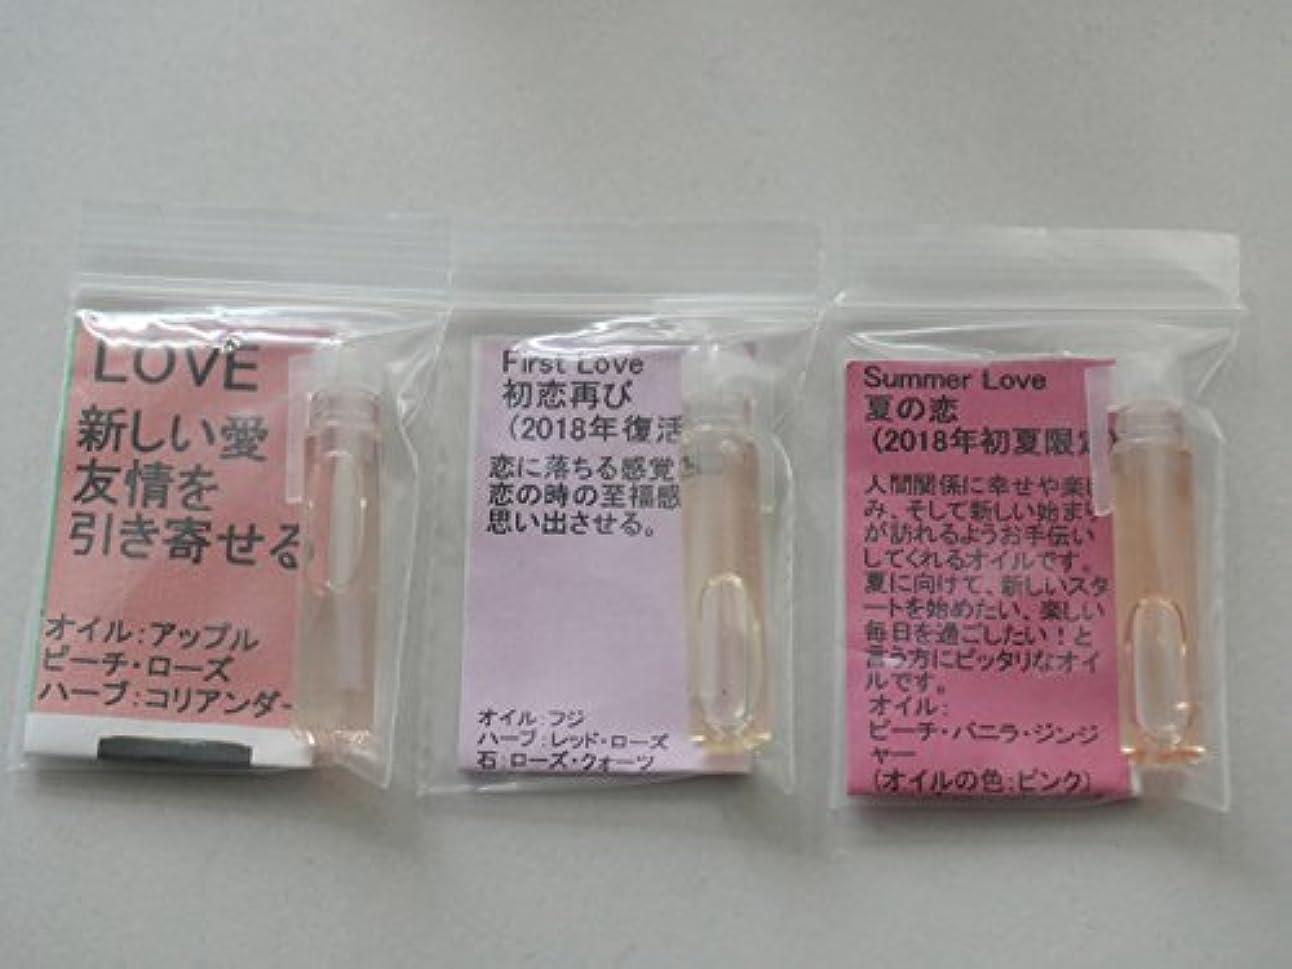 投資誤って今アンシェントメモリーオイル LOVEコンプリートコレクション 小分け3種セット【アンシェントメモリーオイルのLOVEと名前の付くアイテムをセットしました。LOVE?FirstLove?SummerLove】